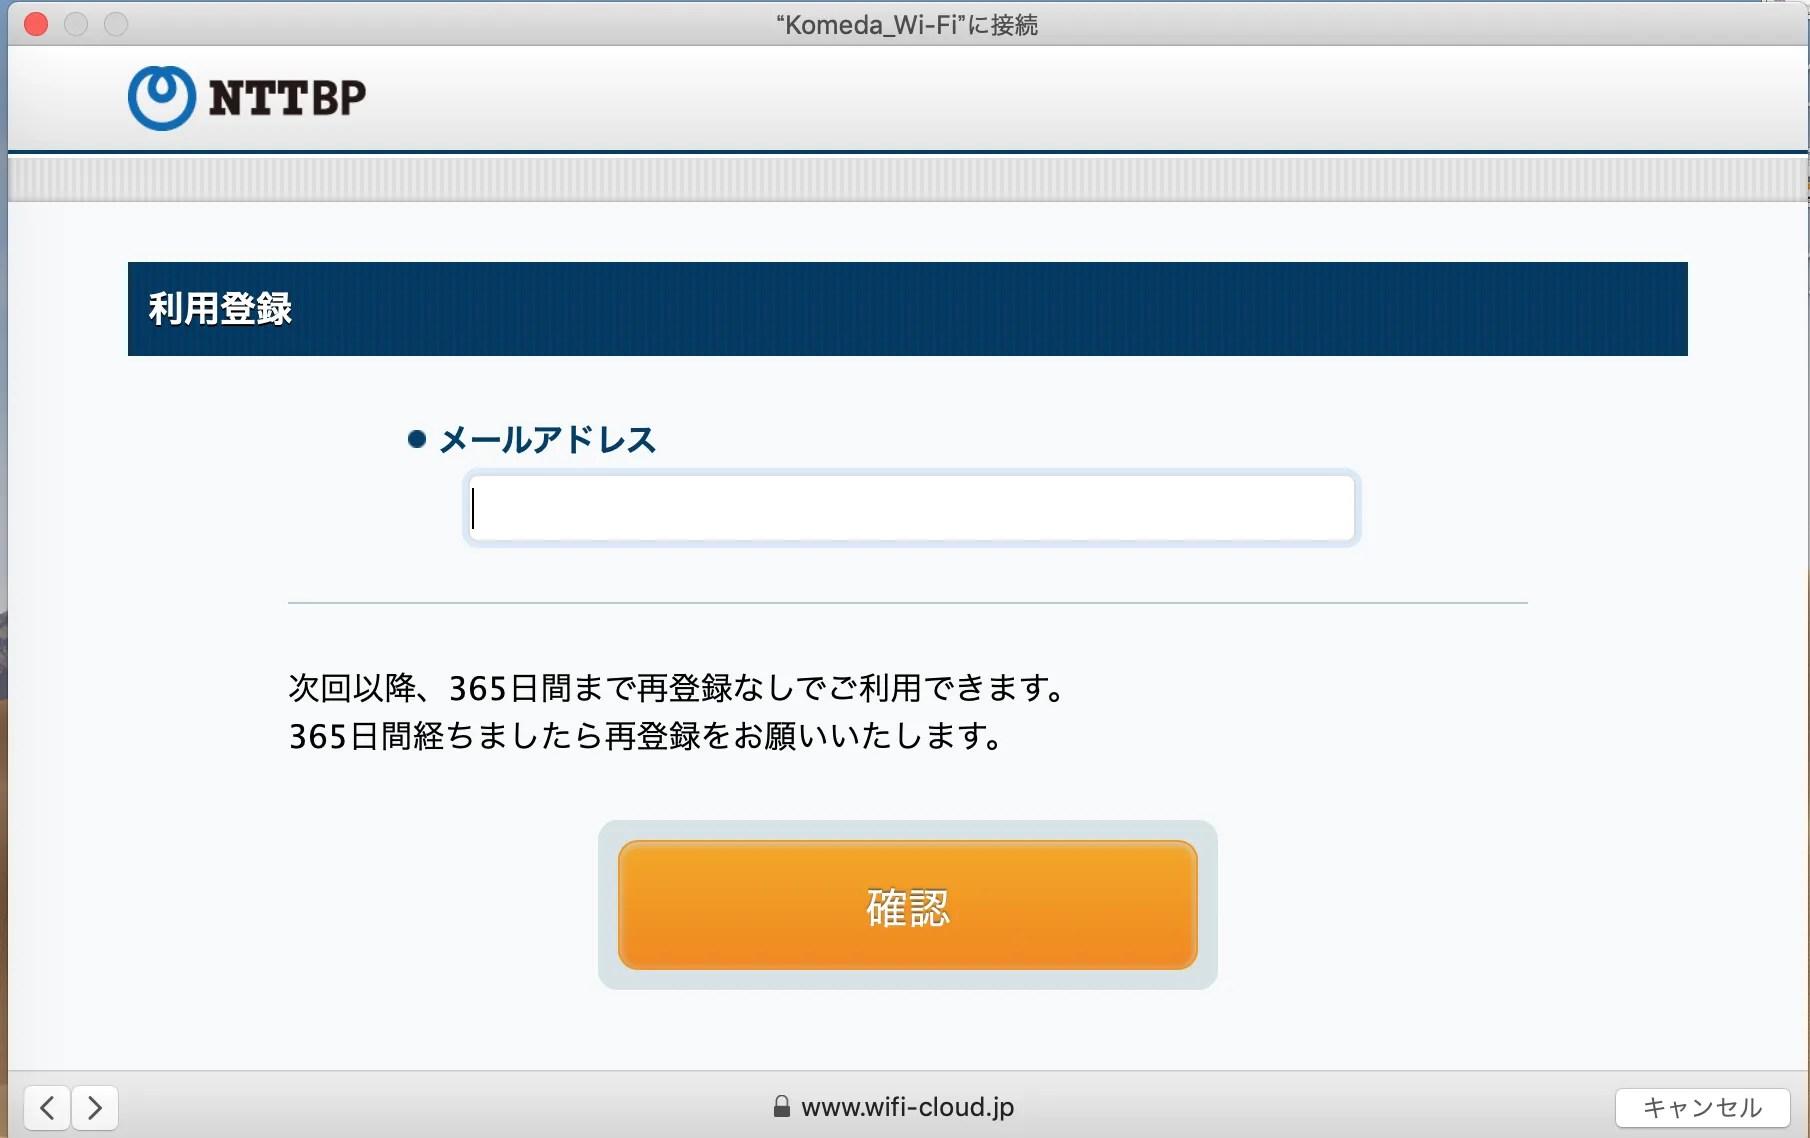 コメダ珈琲店でKomeda Wi-Fiを接続する方法(登録作業)